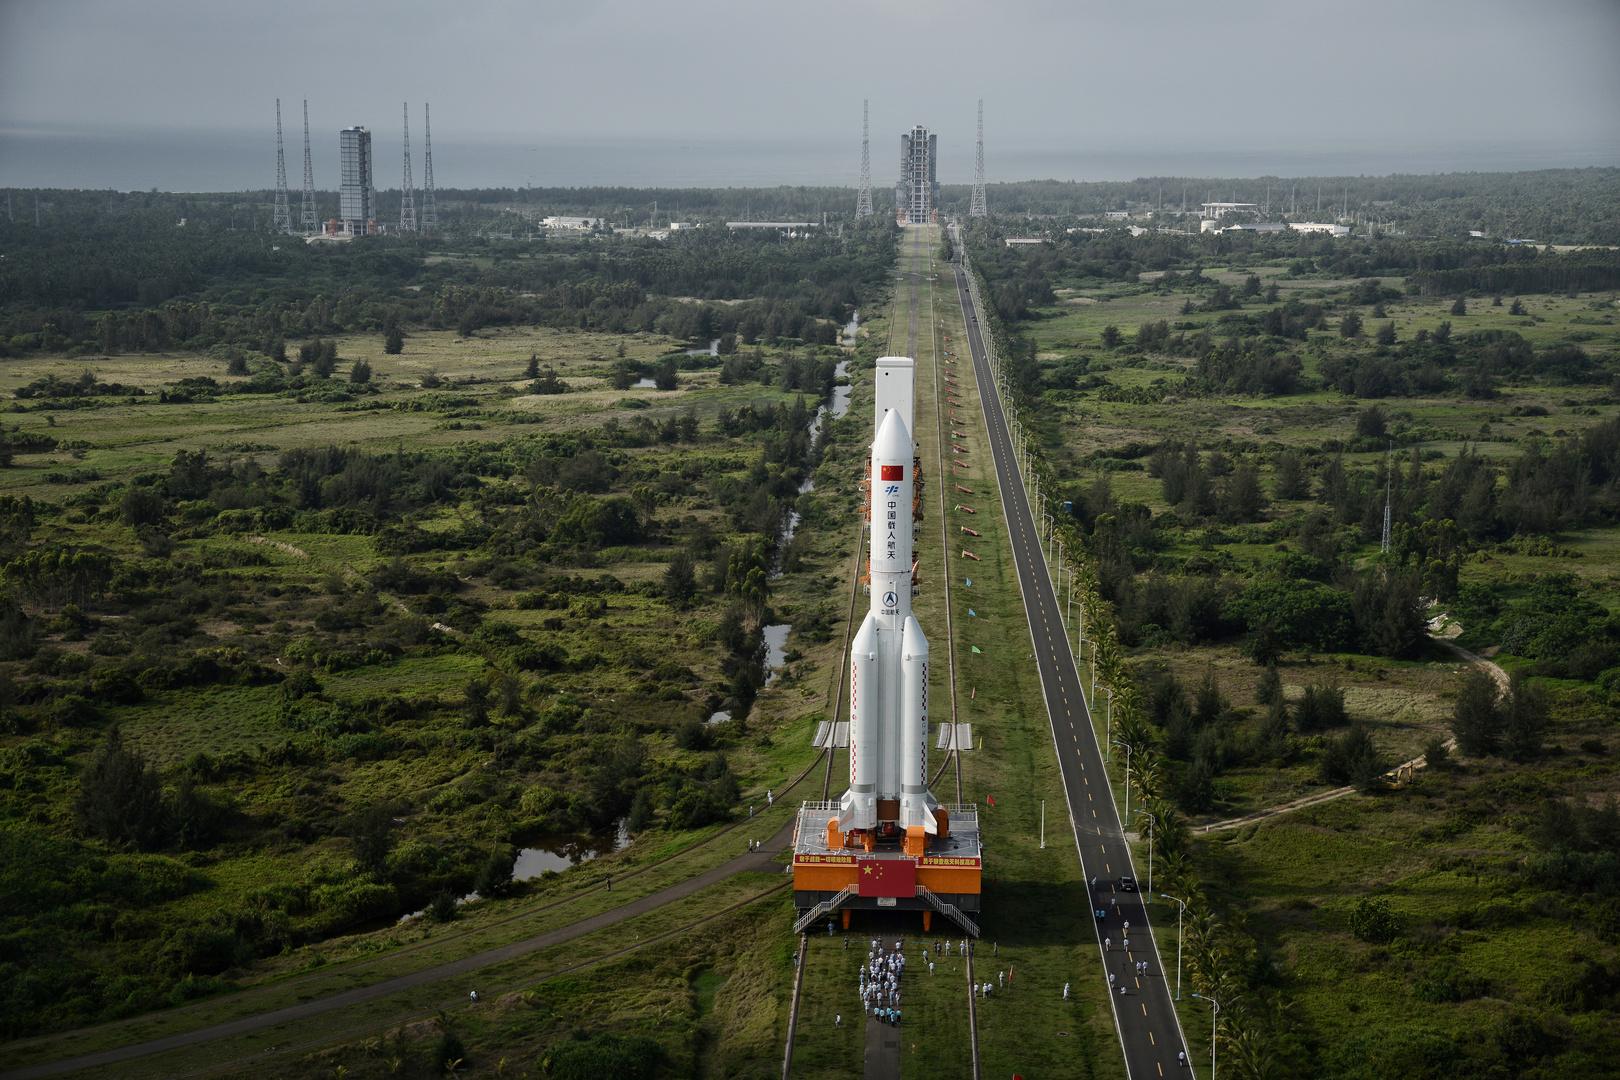 وكالة الفضاء الروسية تنشر صورا للصاروخ الصيني الشارد التقطها مرصد في القرم